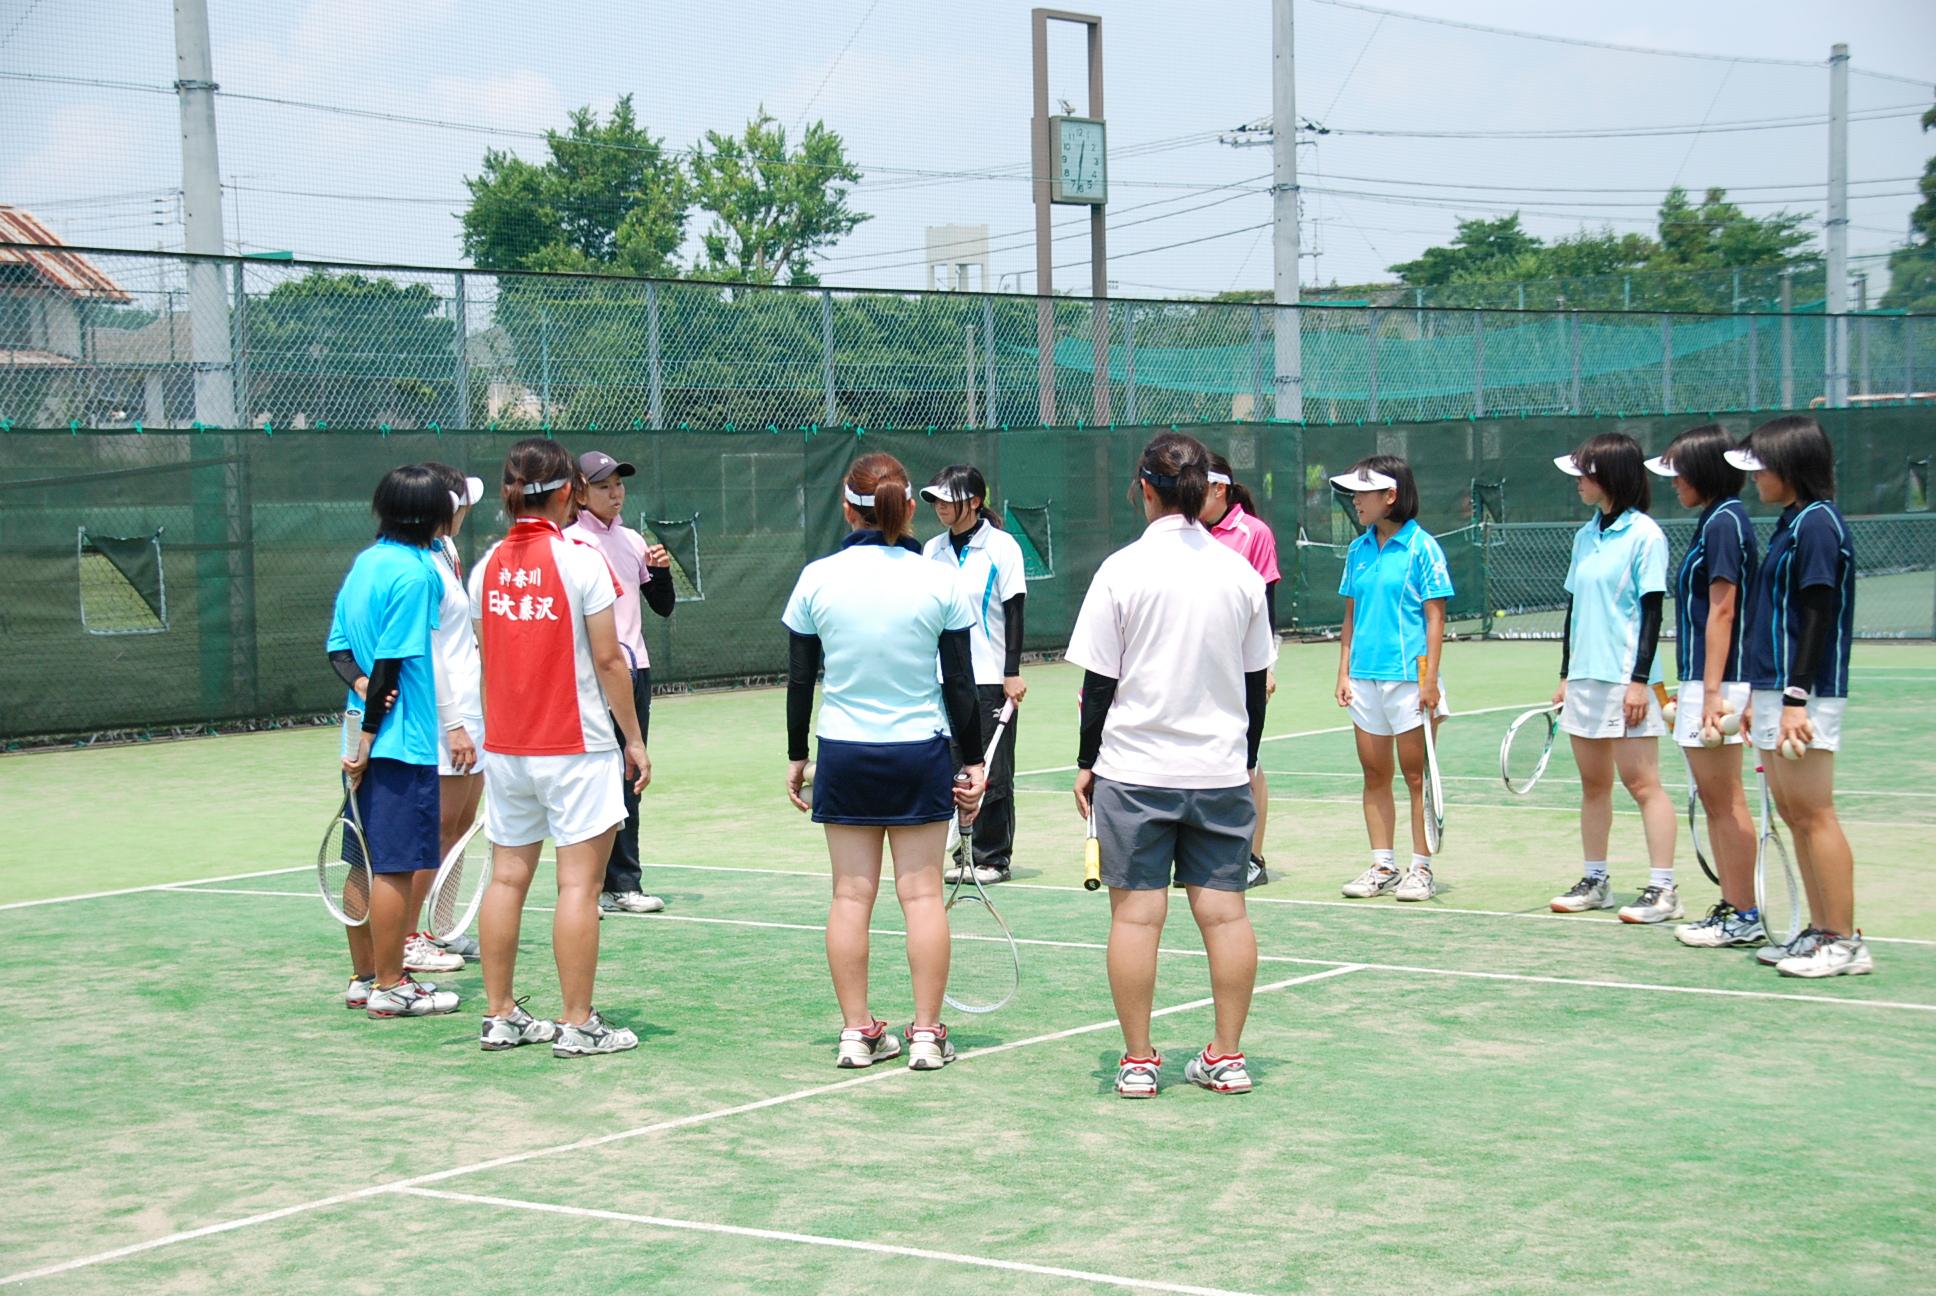 偏差 大学 女子 日本 値 体育